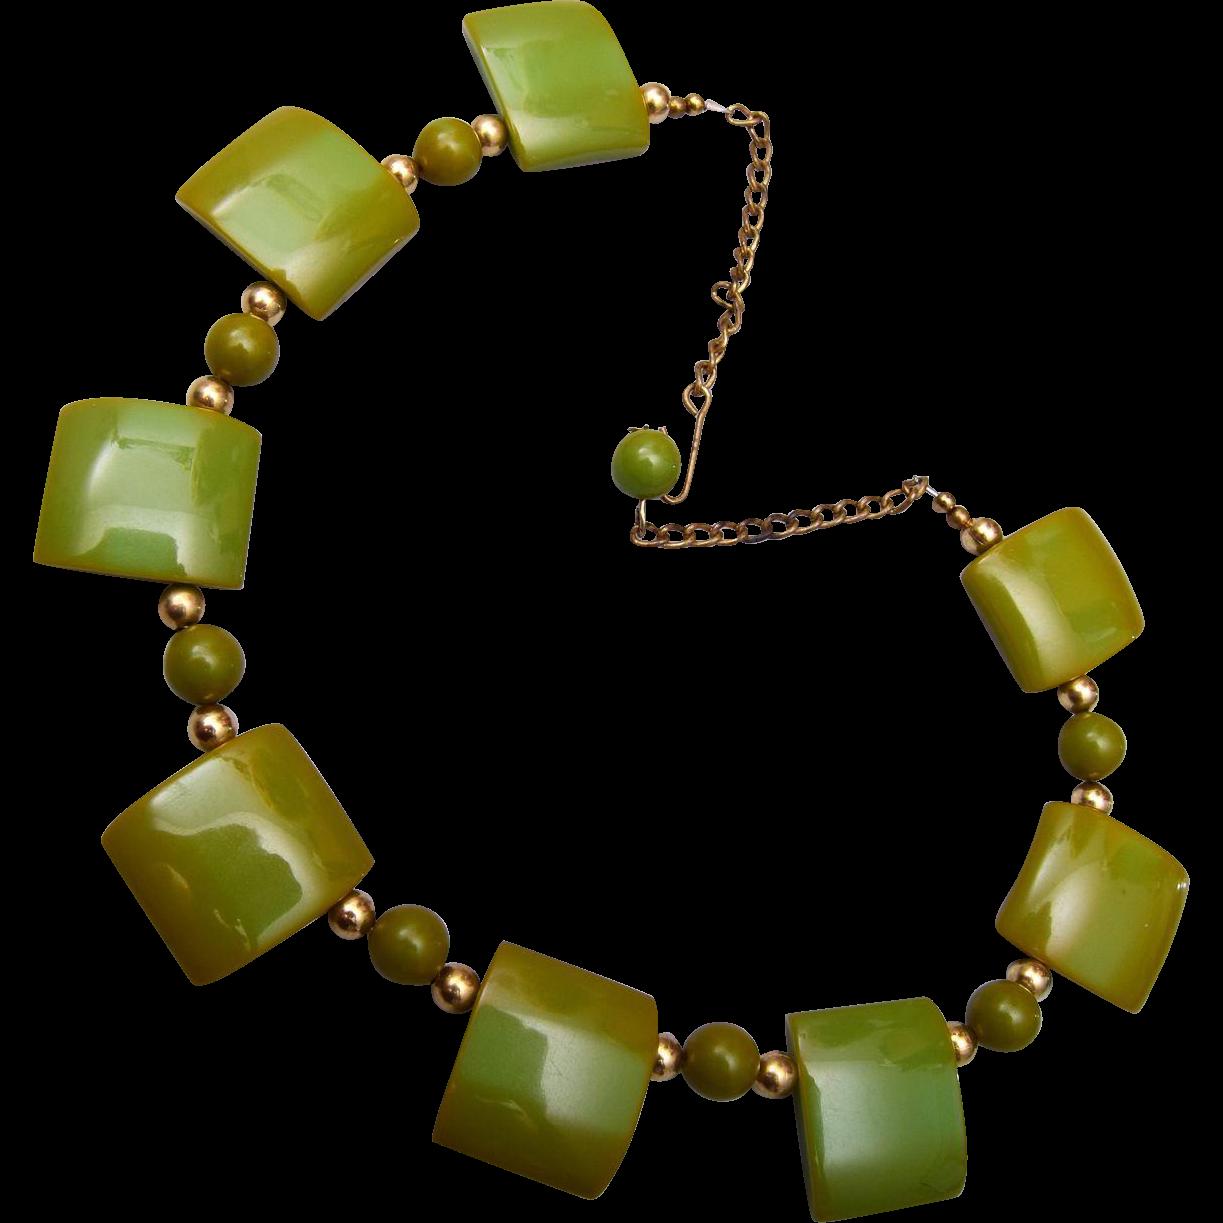 Olive Green Bakelite Necklace